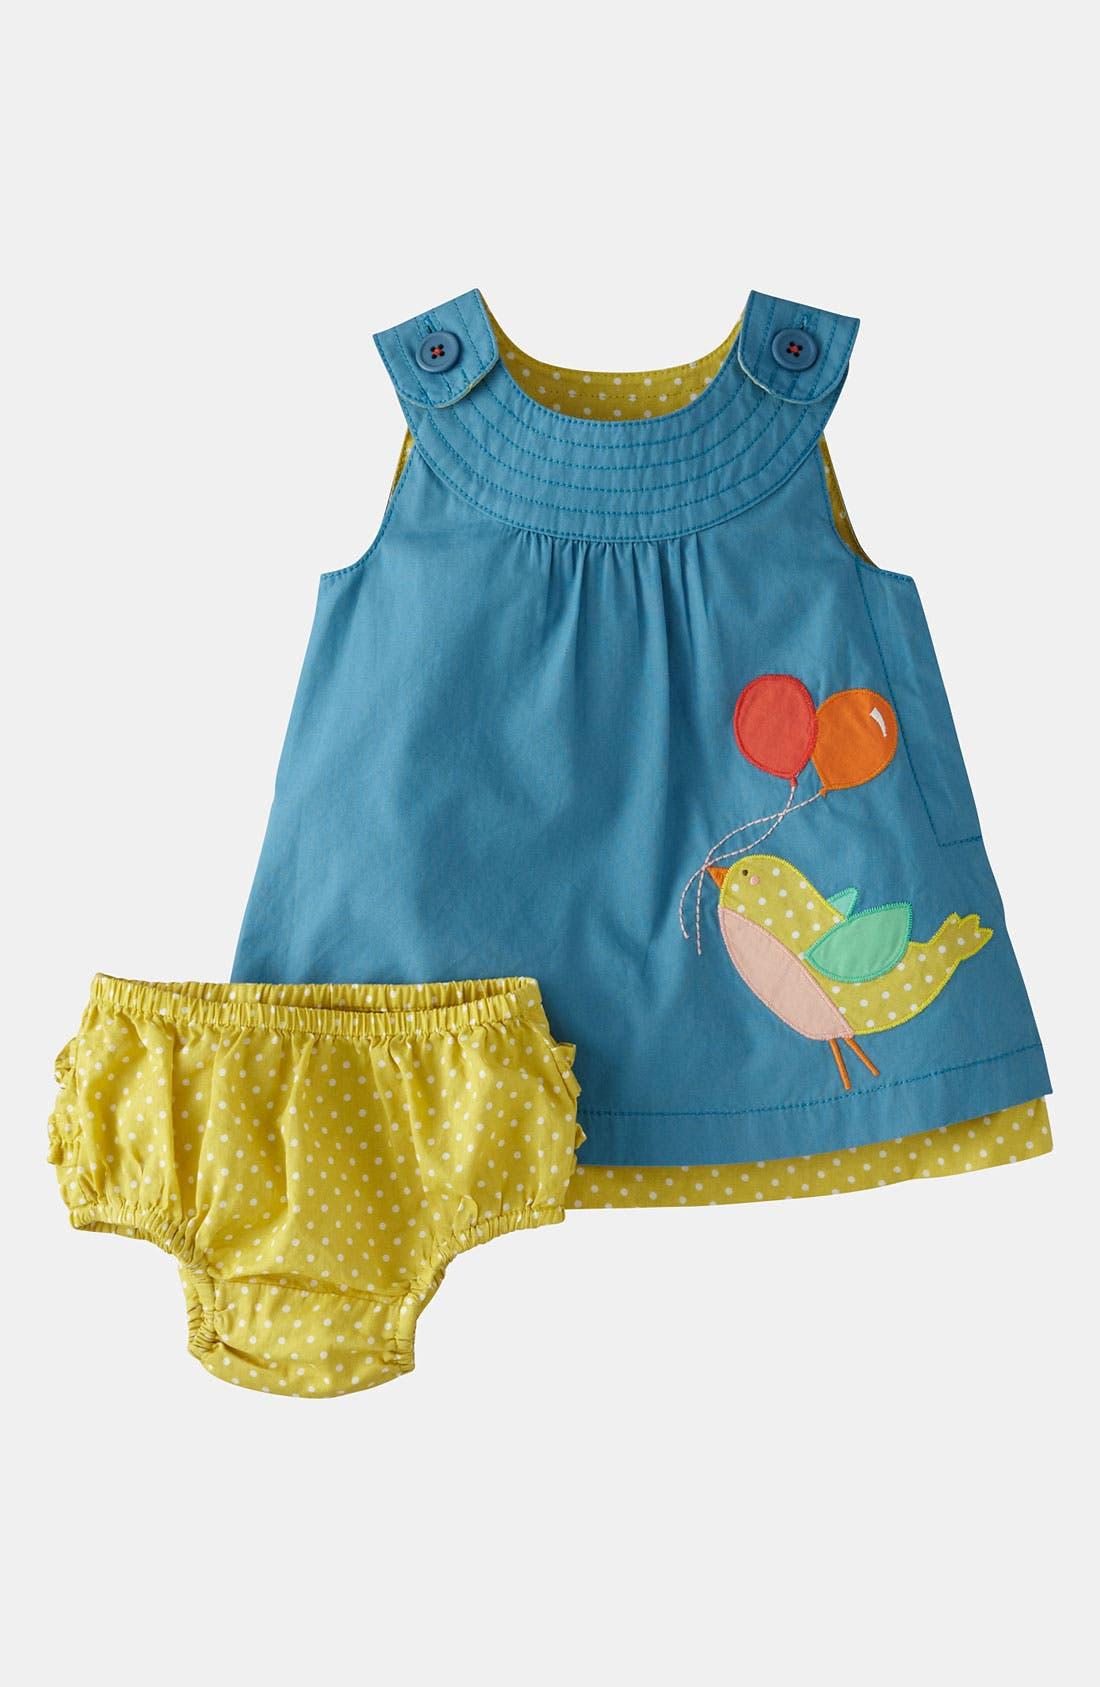 Main Image - Mini Boden Appliqué Dress & Bloomers (Infant)